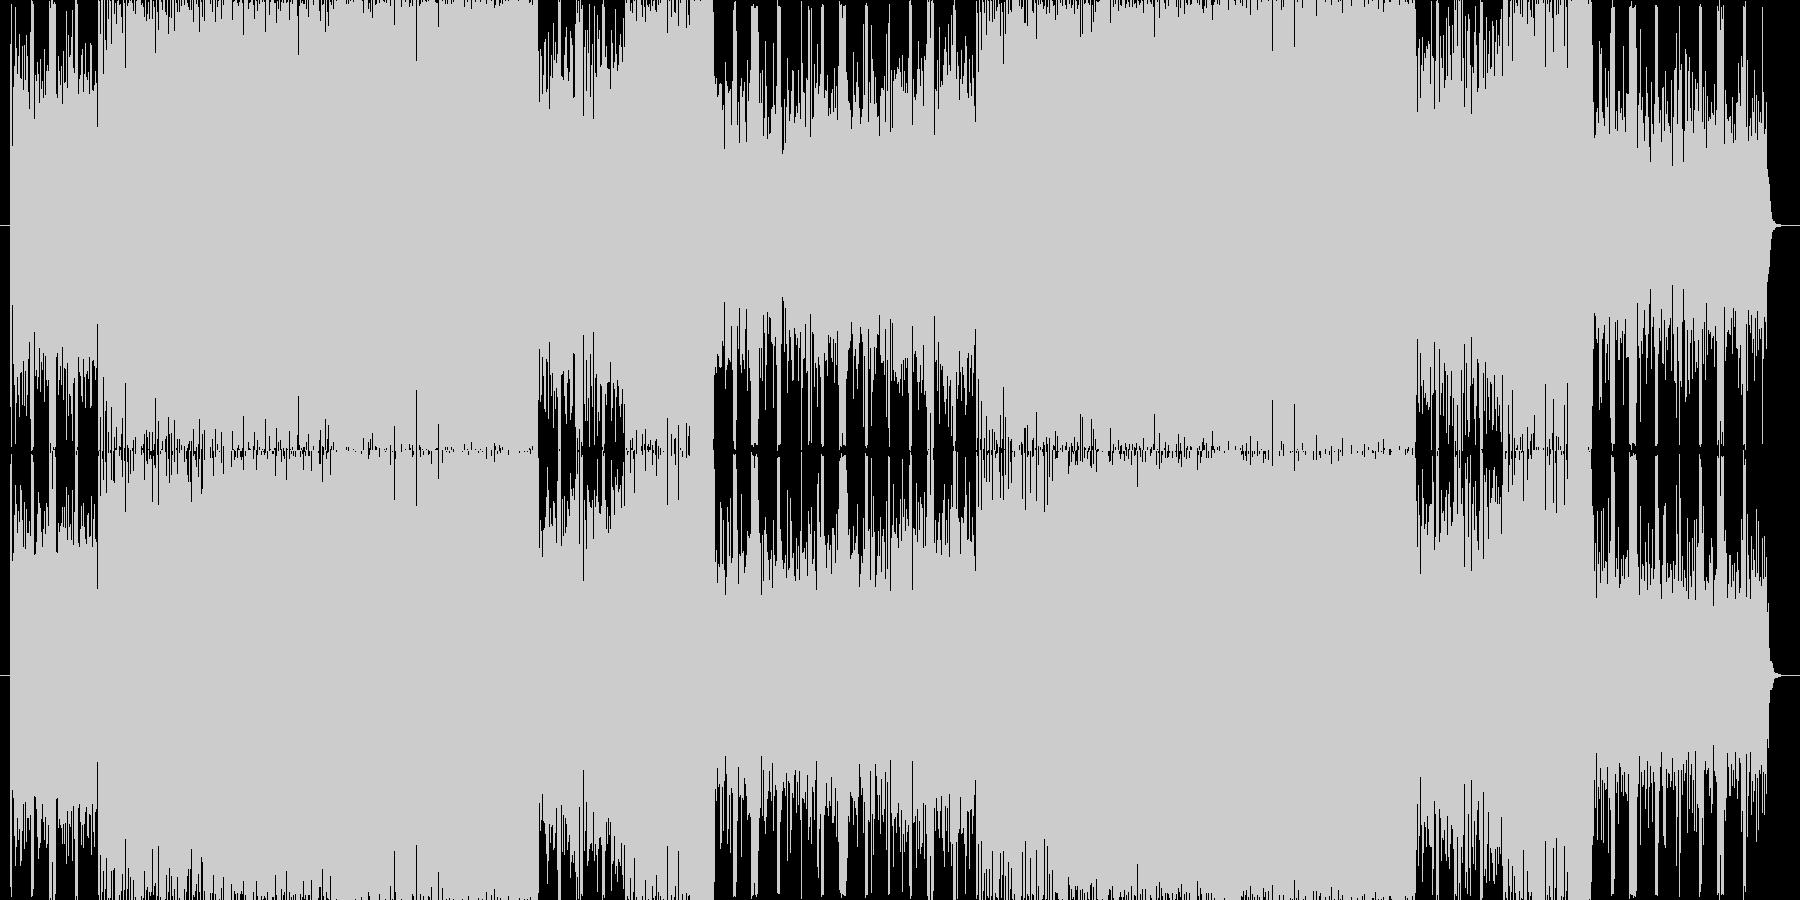 【楽しいゲーム風BGM】リフレインの未再生の波形